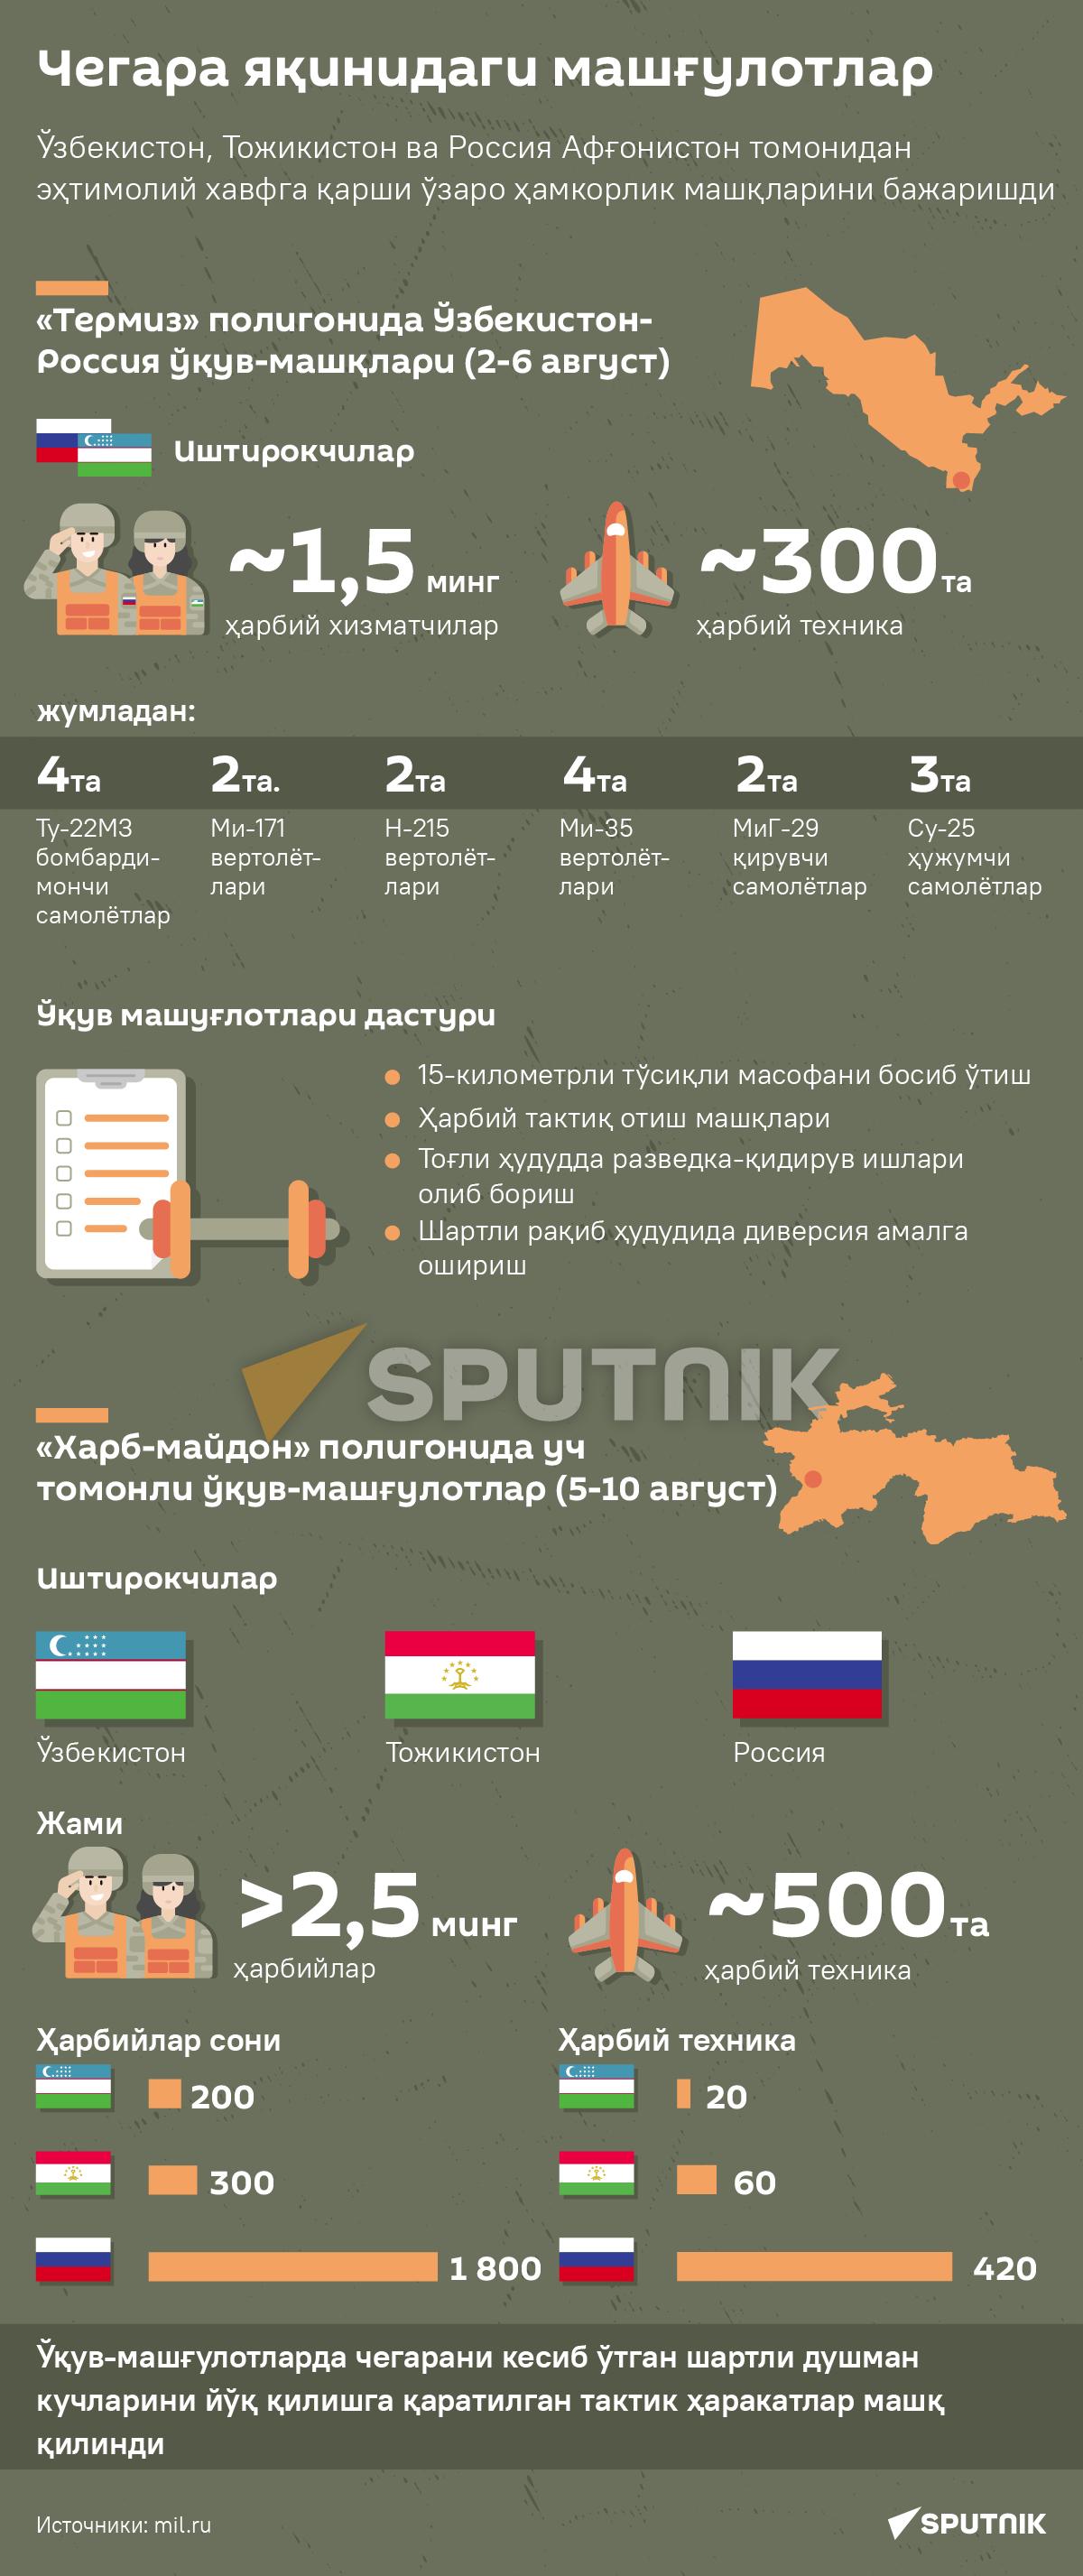 Voyennыe ucheniya uz desk - Sputnik Oʻzbekiston